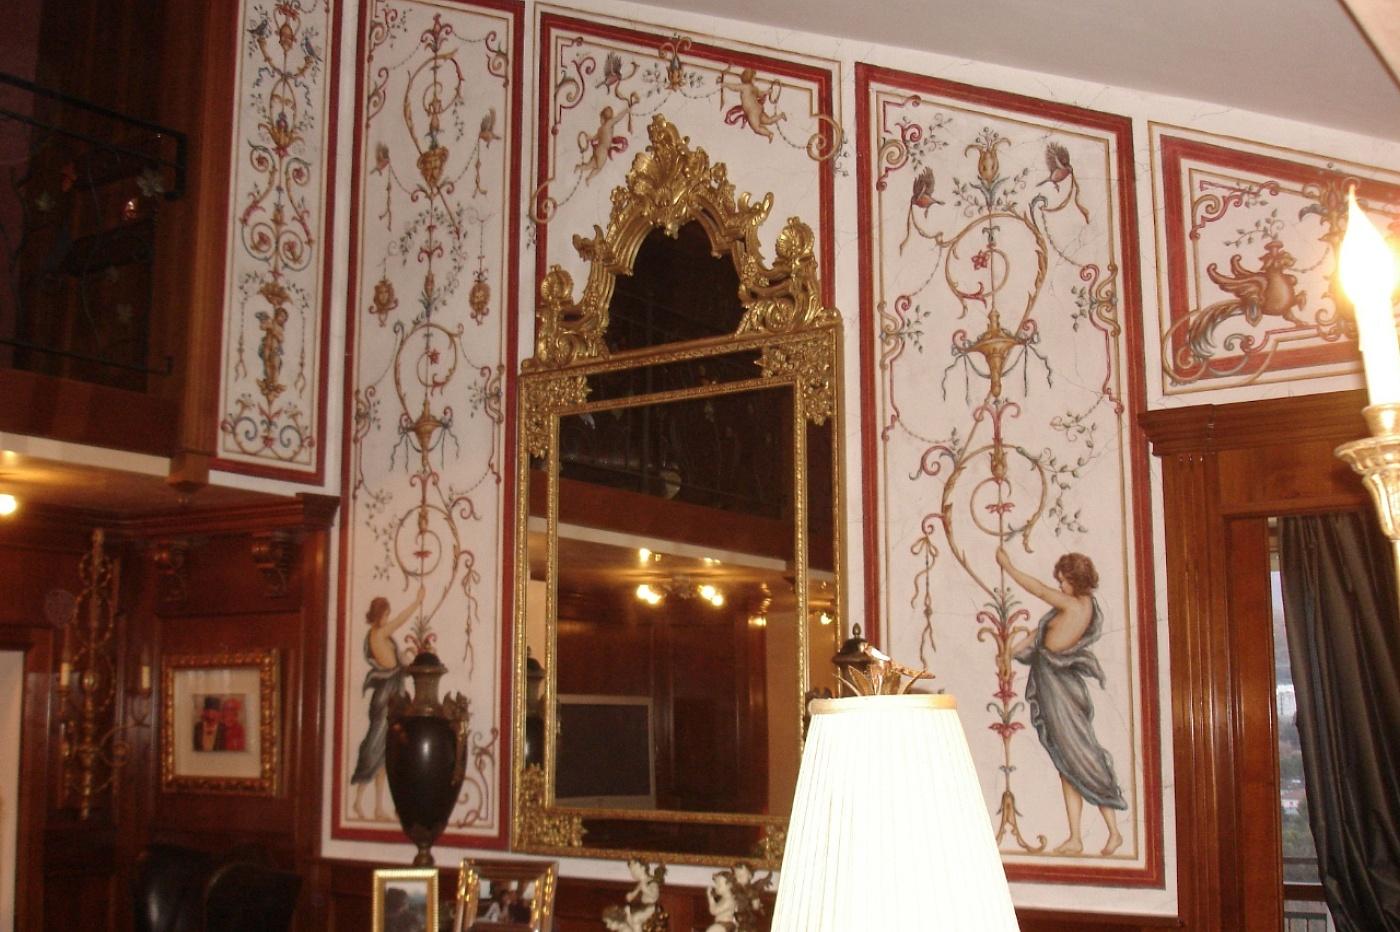 La bottega delle arti antiche decorazioni e affreschi - Decorazioni interni pareti ...